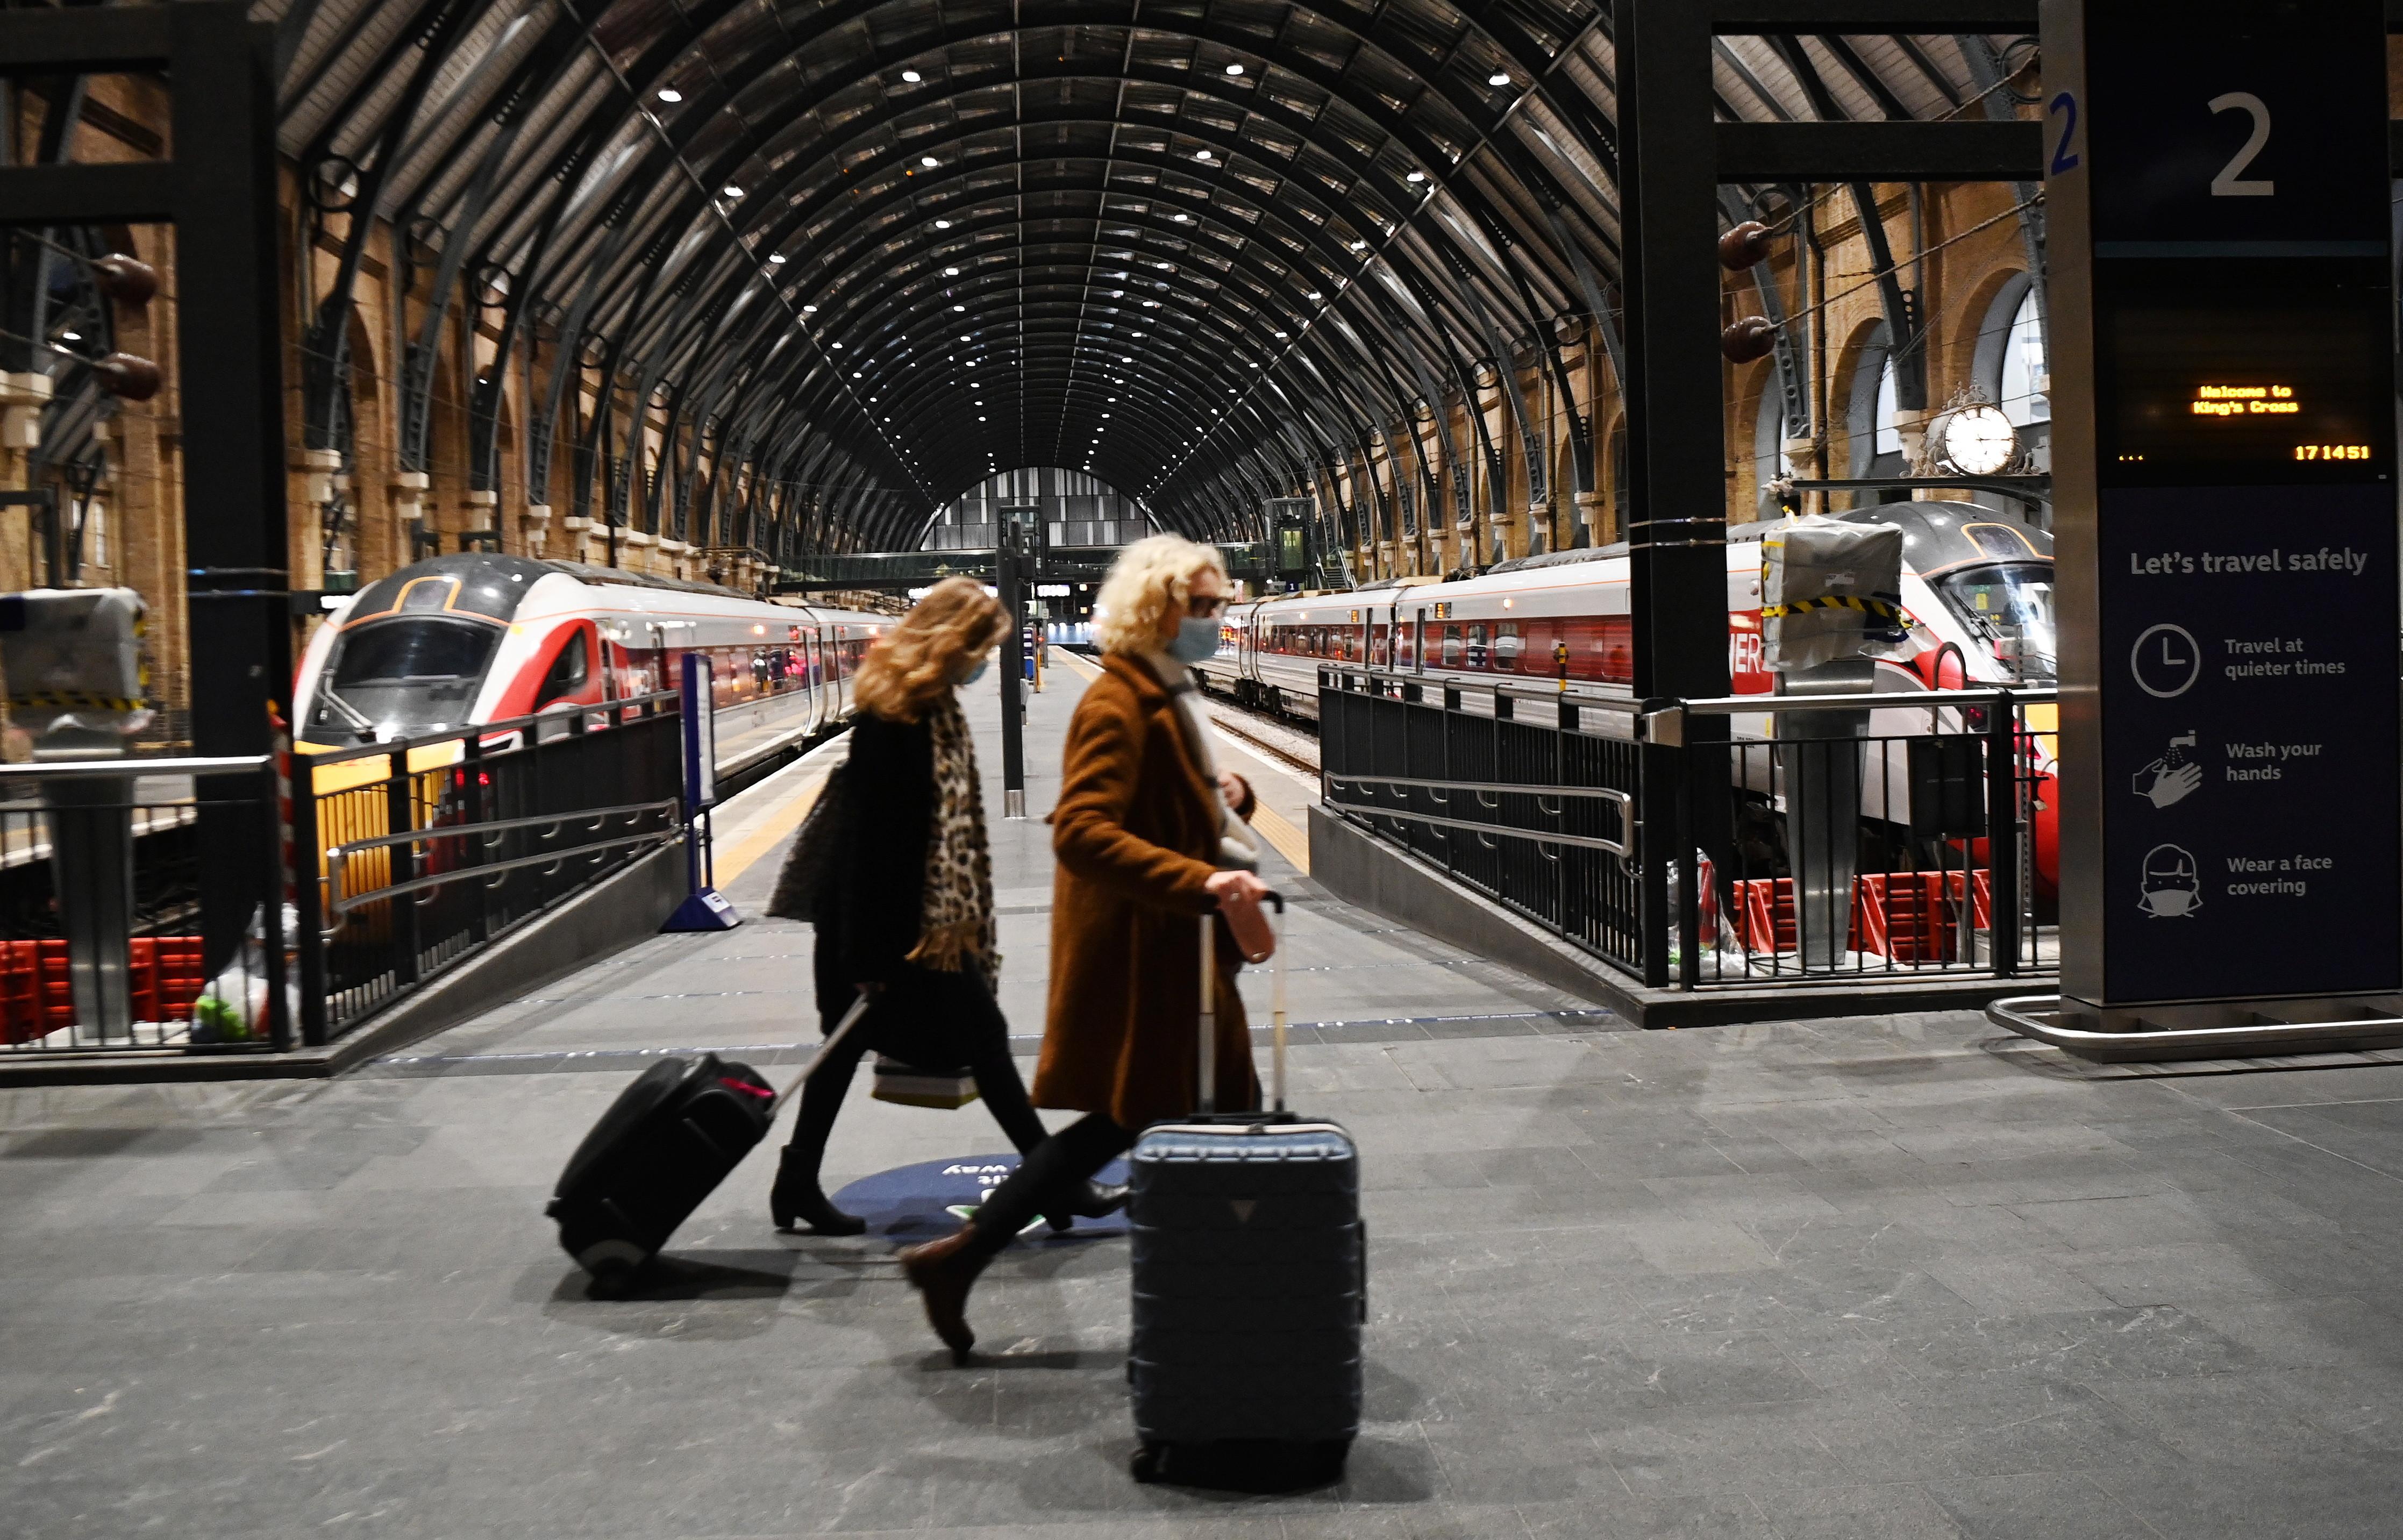 Koronawirus Wielka Brytania Policja Na Dworcach W Londynie Egzekwuje Zakaz Podrozy W Zwiazku Z Mutacja Koronawirusa Podroze